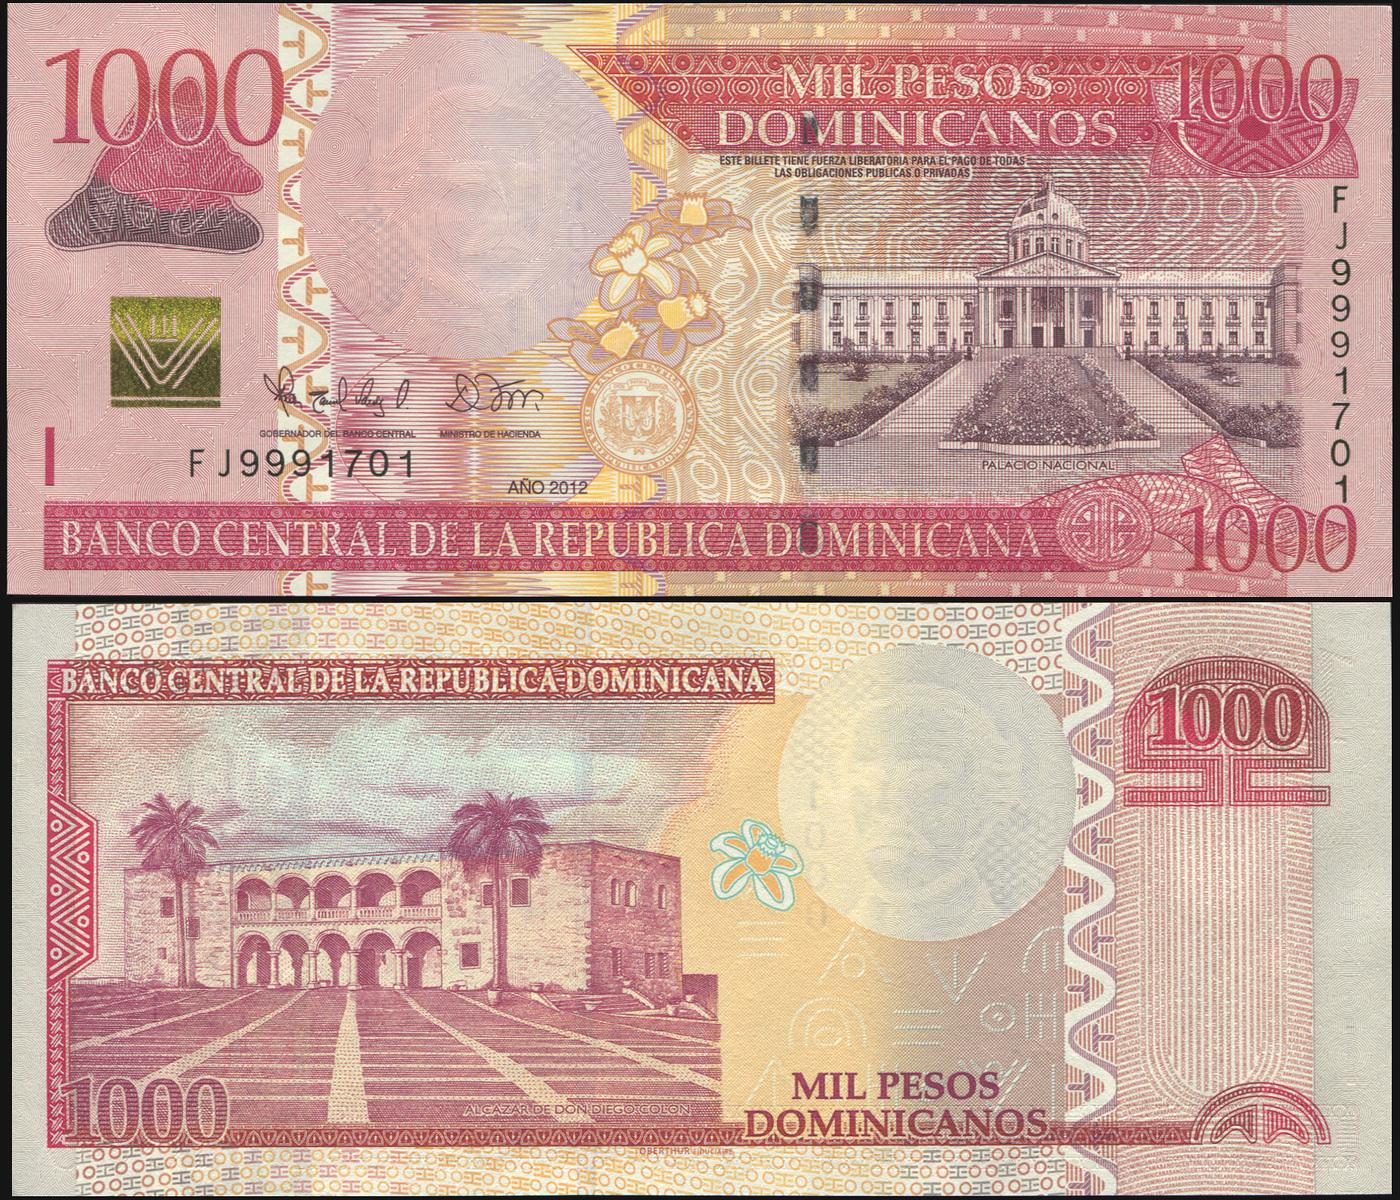 Банкнота. Доминиканская республика 1000 песо доминикано. 2012 UNC. Кат.P.187b